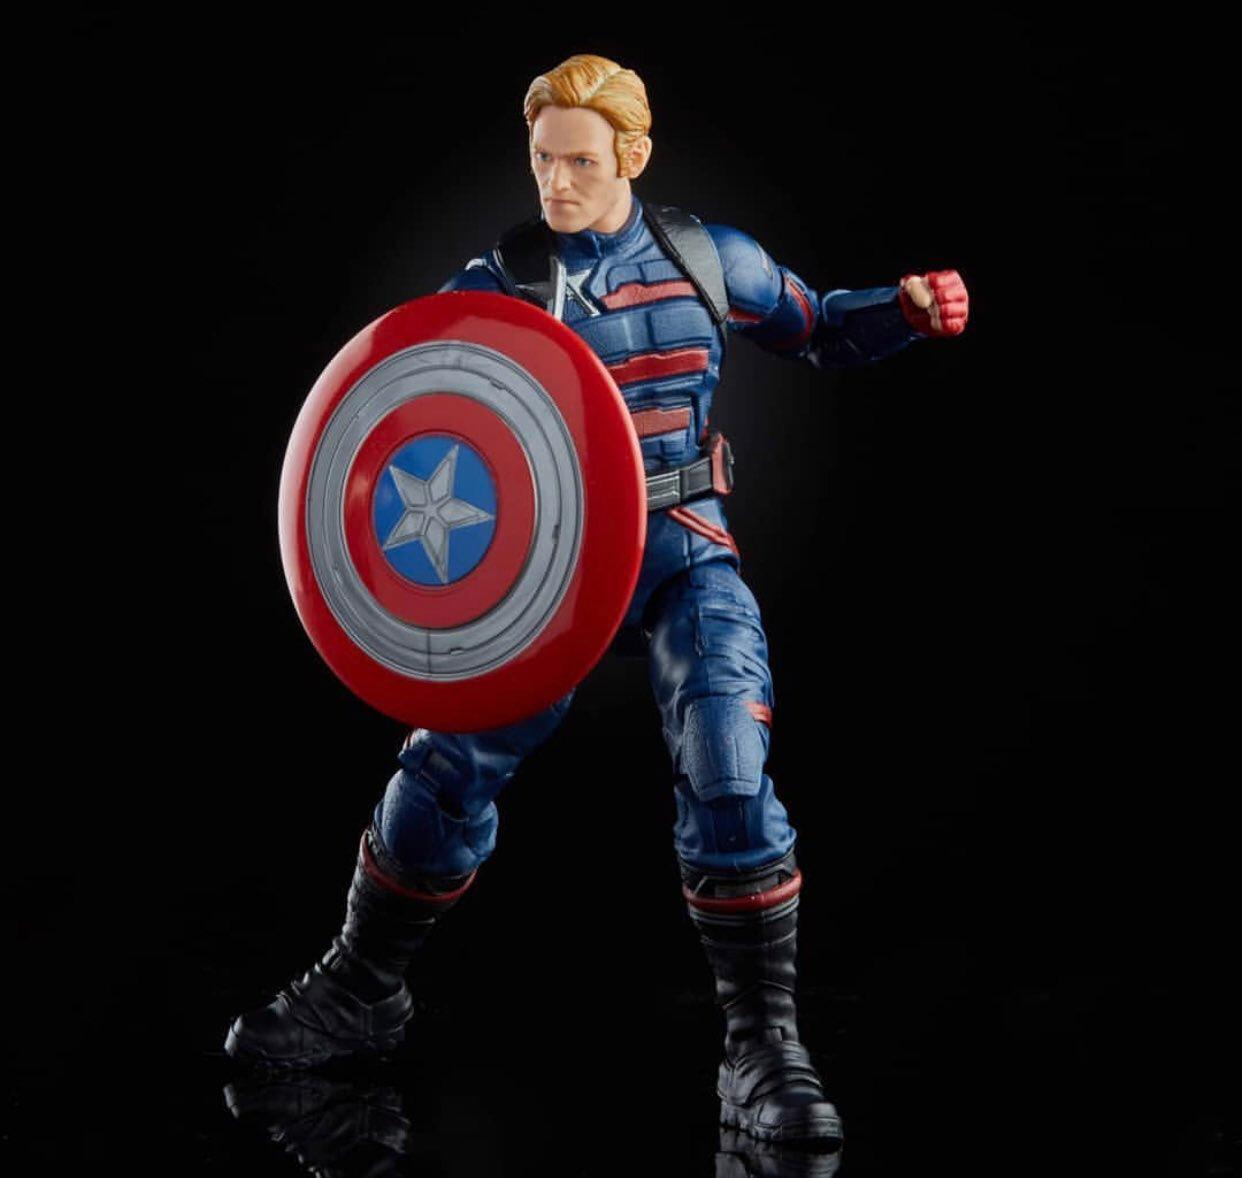 Marvel Legends John Walker Captain America Exclusive Up For Order